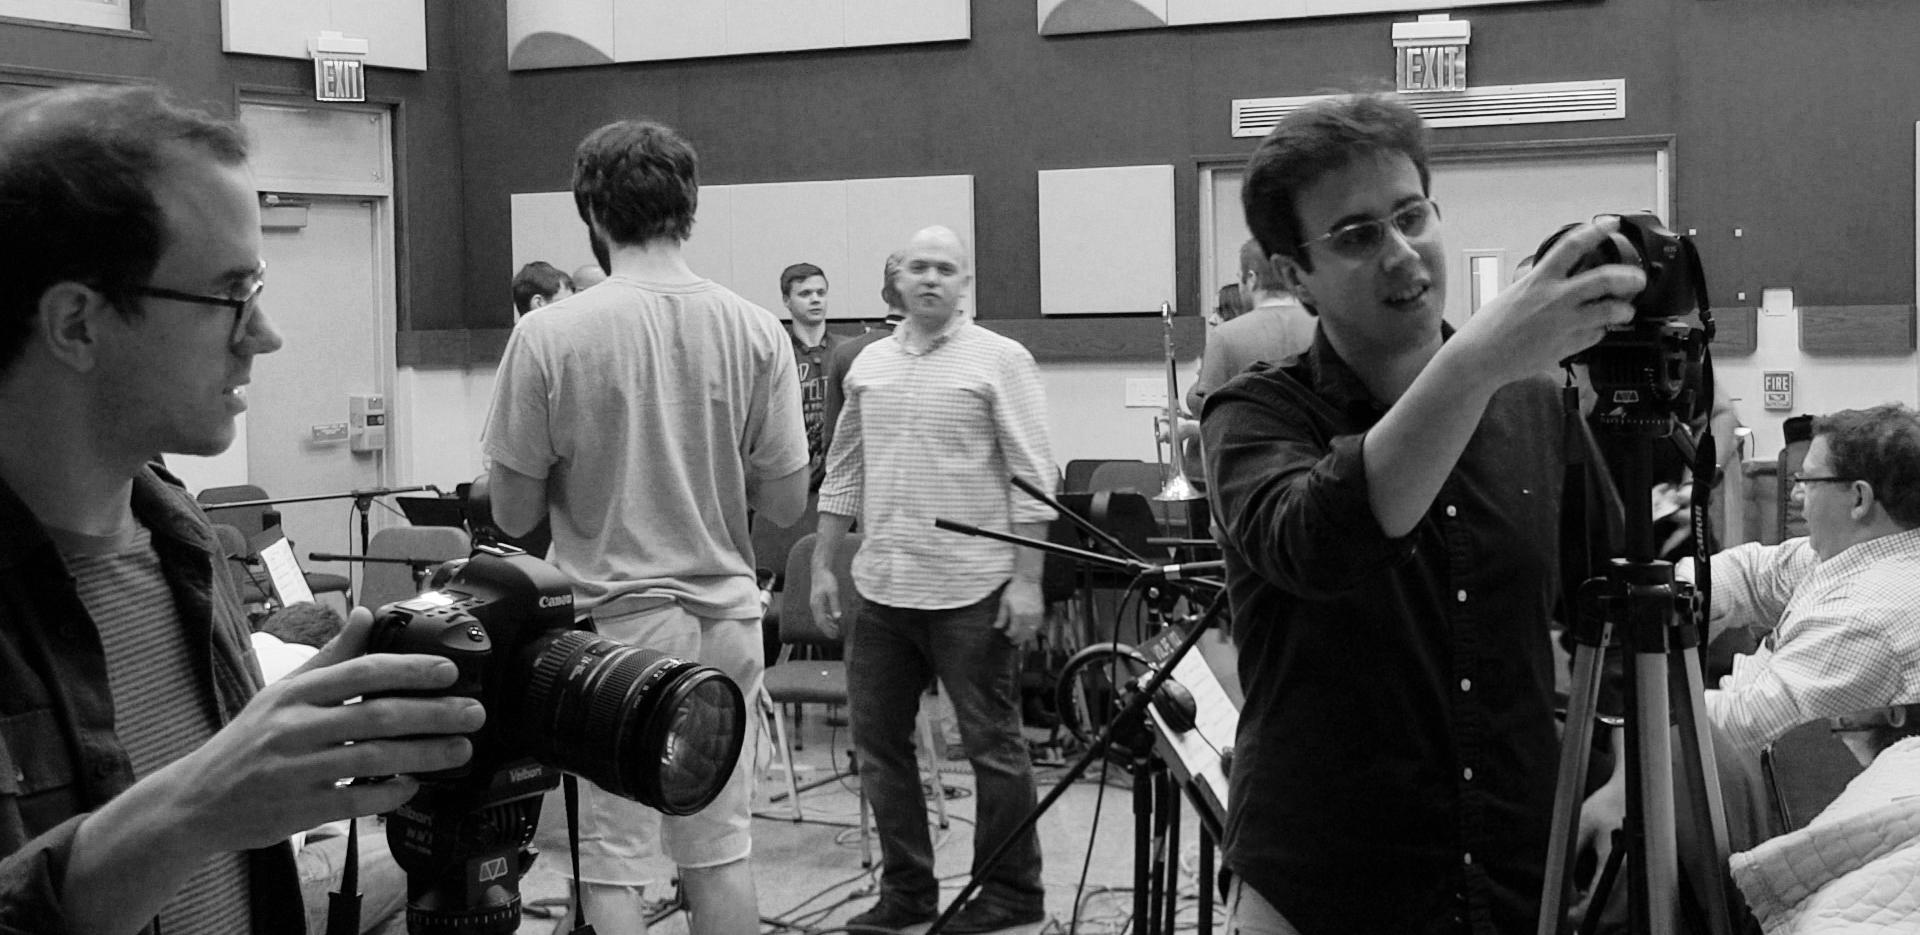 Rafael Piccolotto de Lima preparando cameras e dirigindo a equipe de vídeo momentos antes de gravação na Universidade de Miami. 2016.